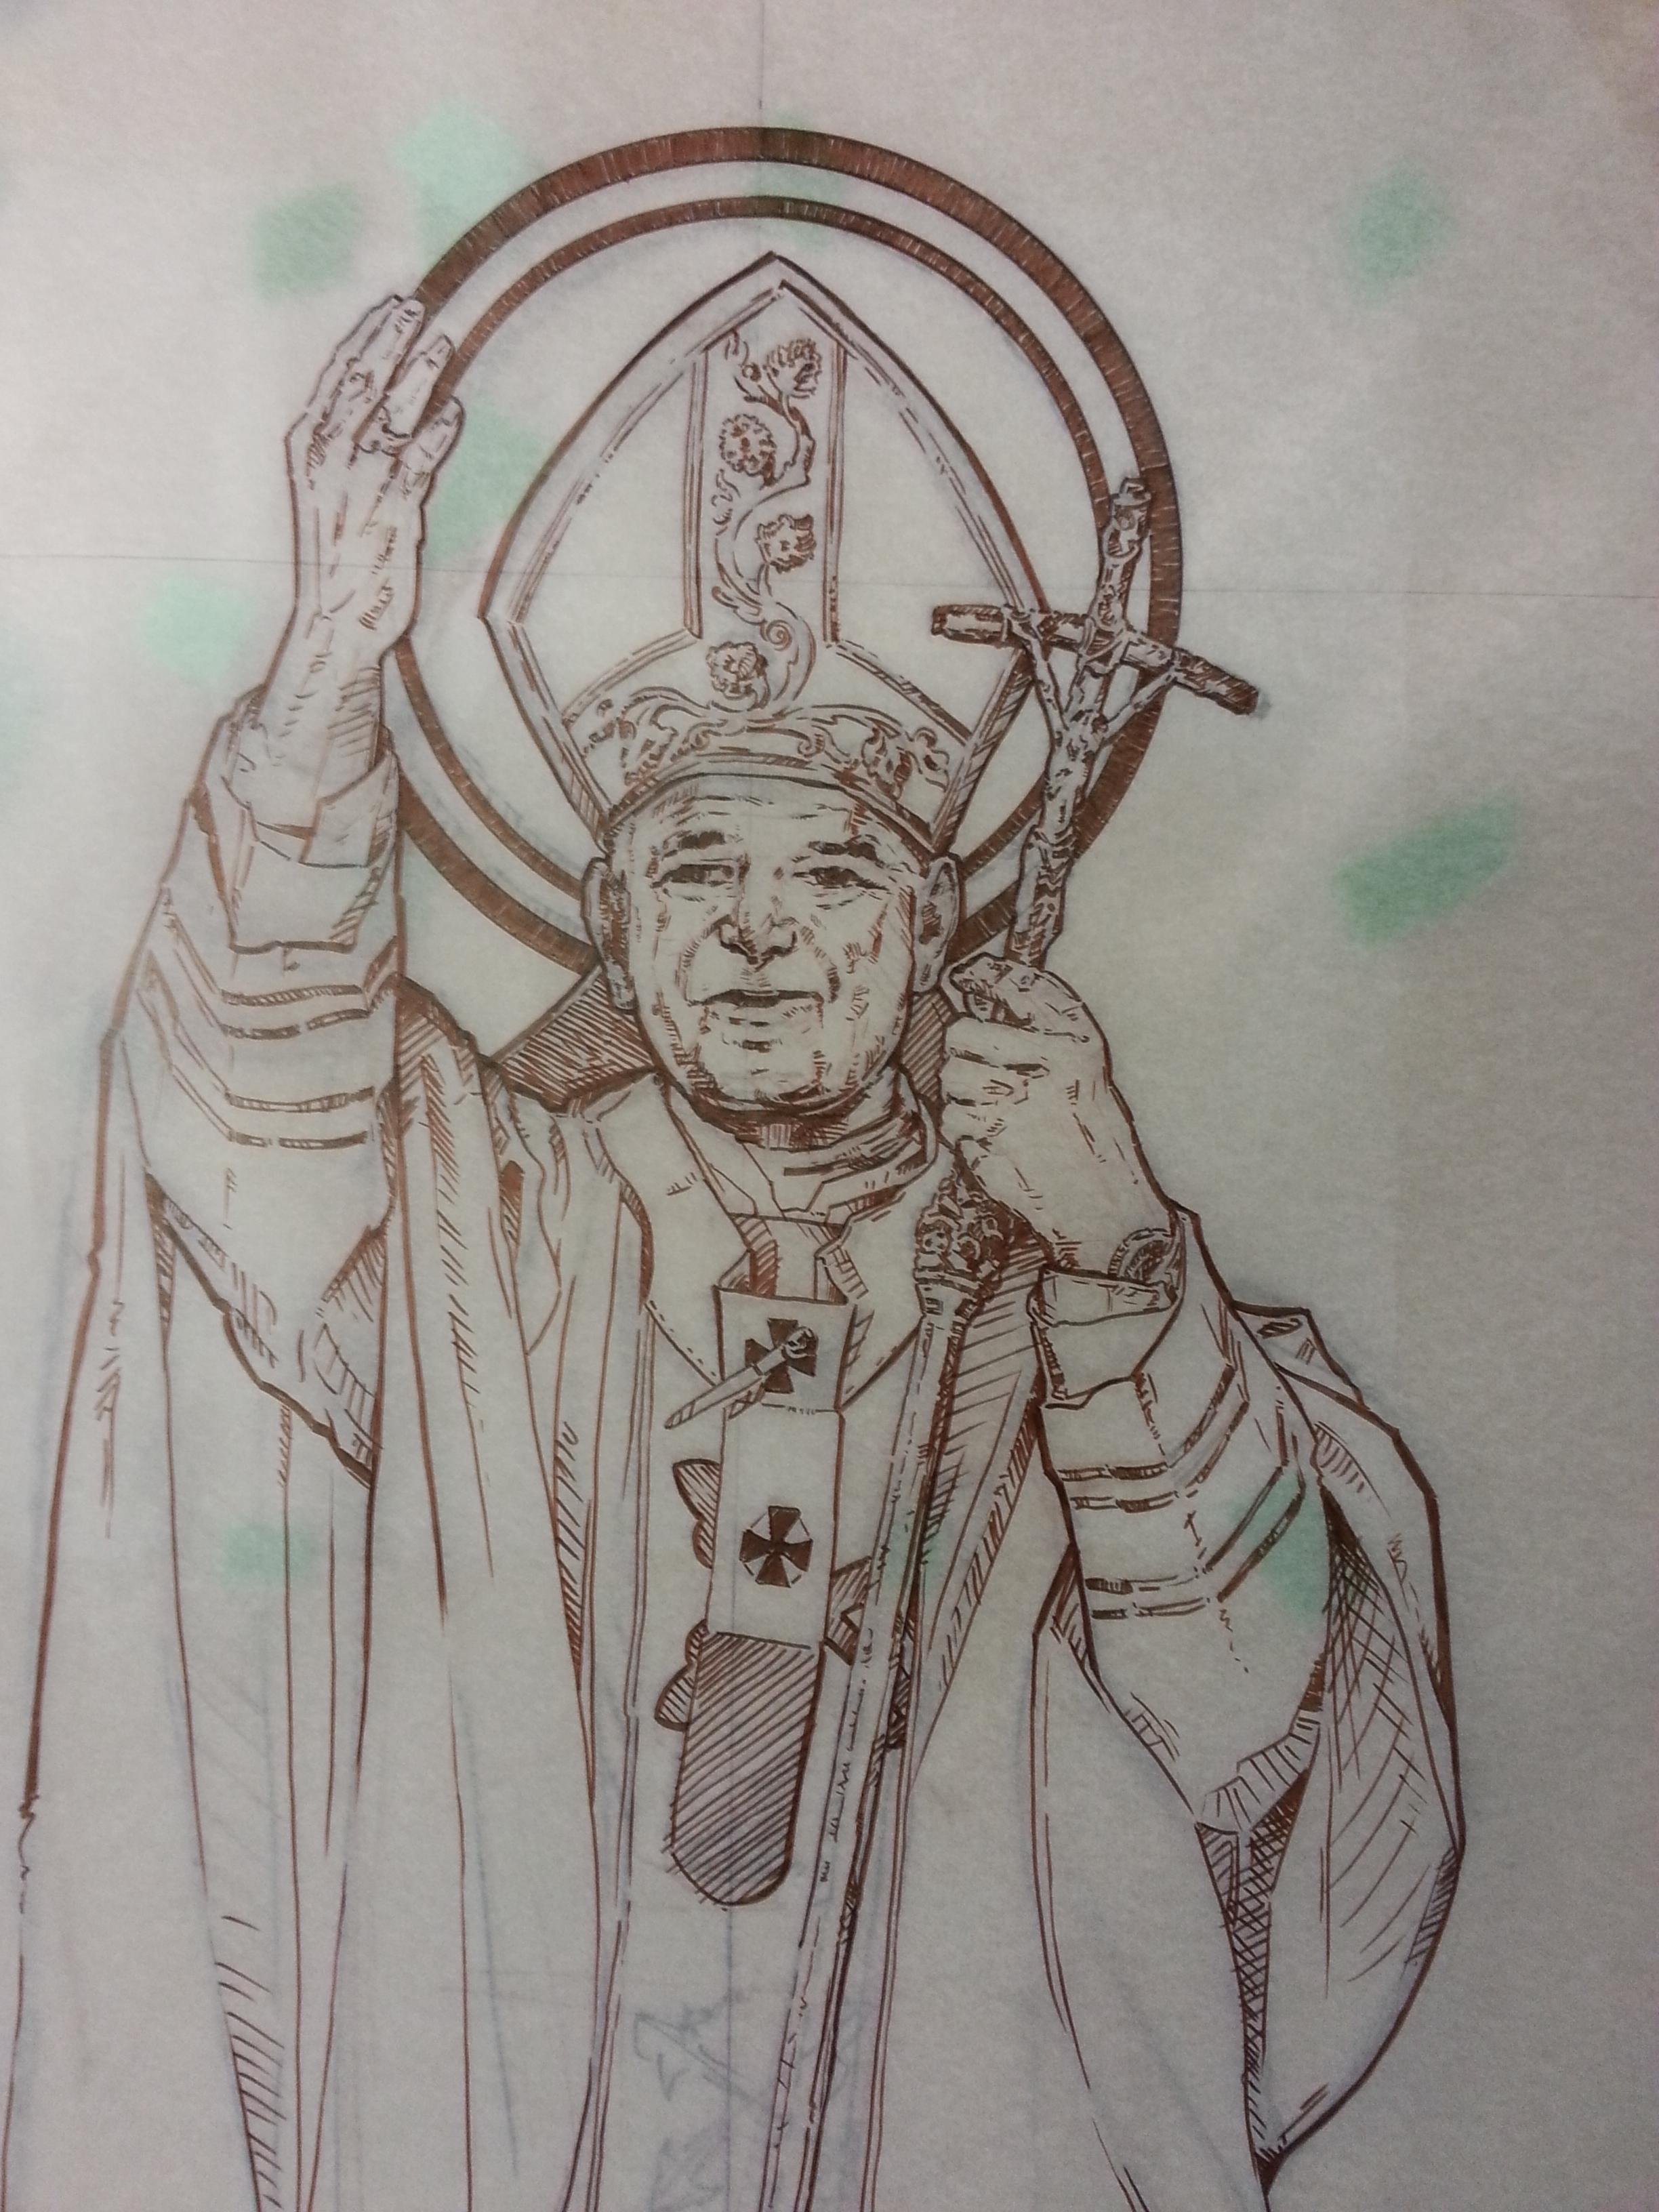 FPDR St. John Paul II mural